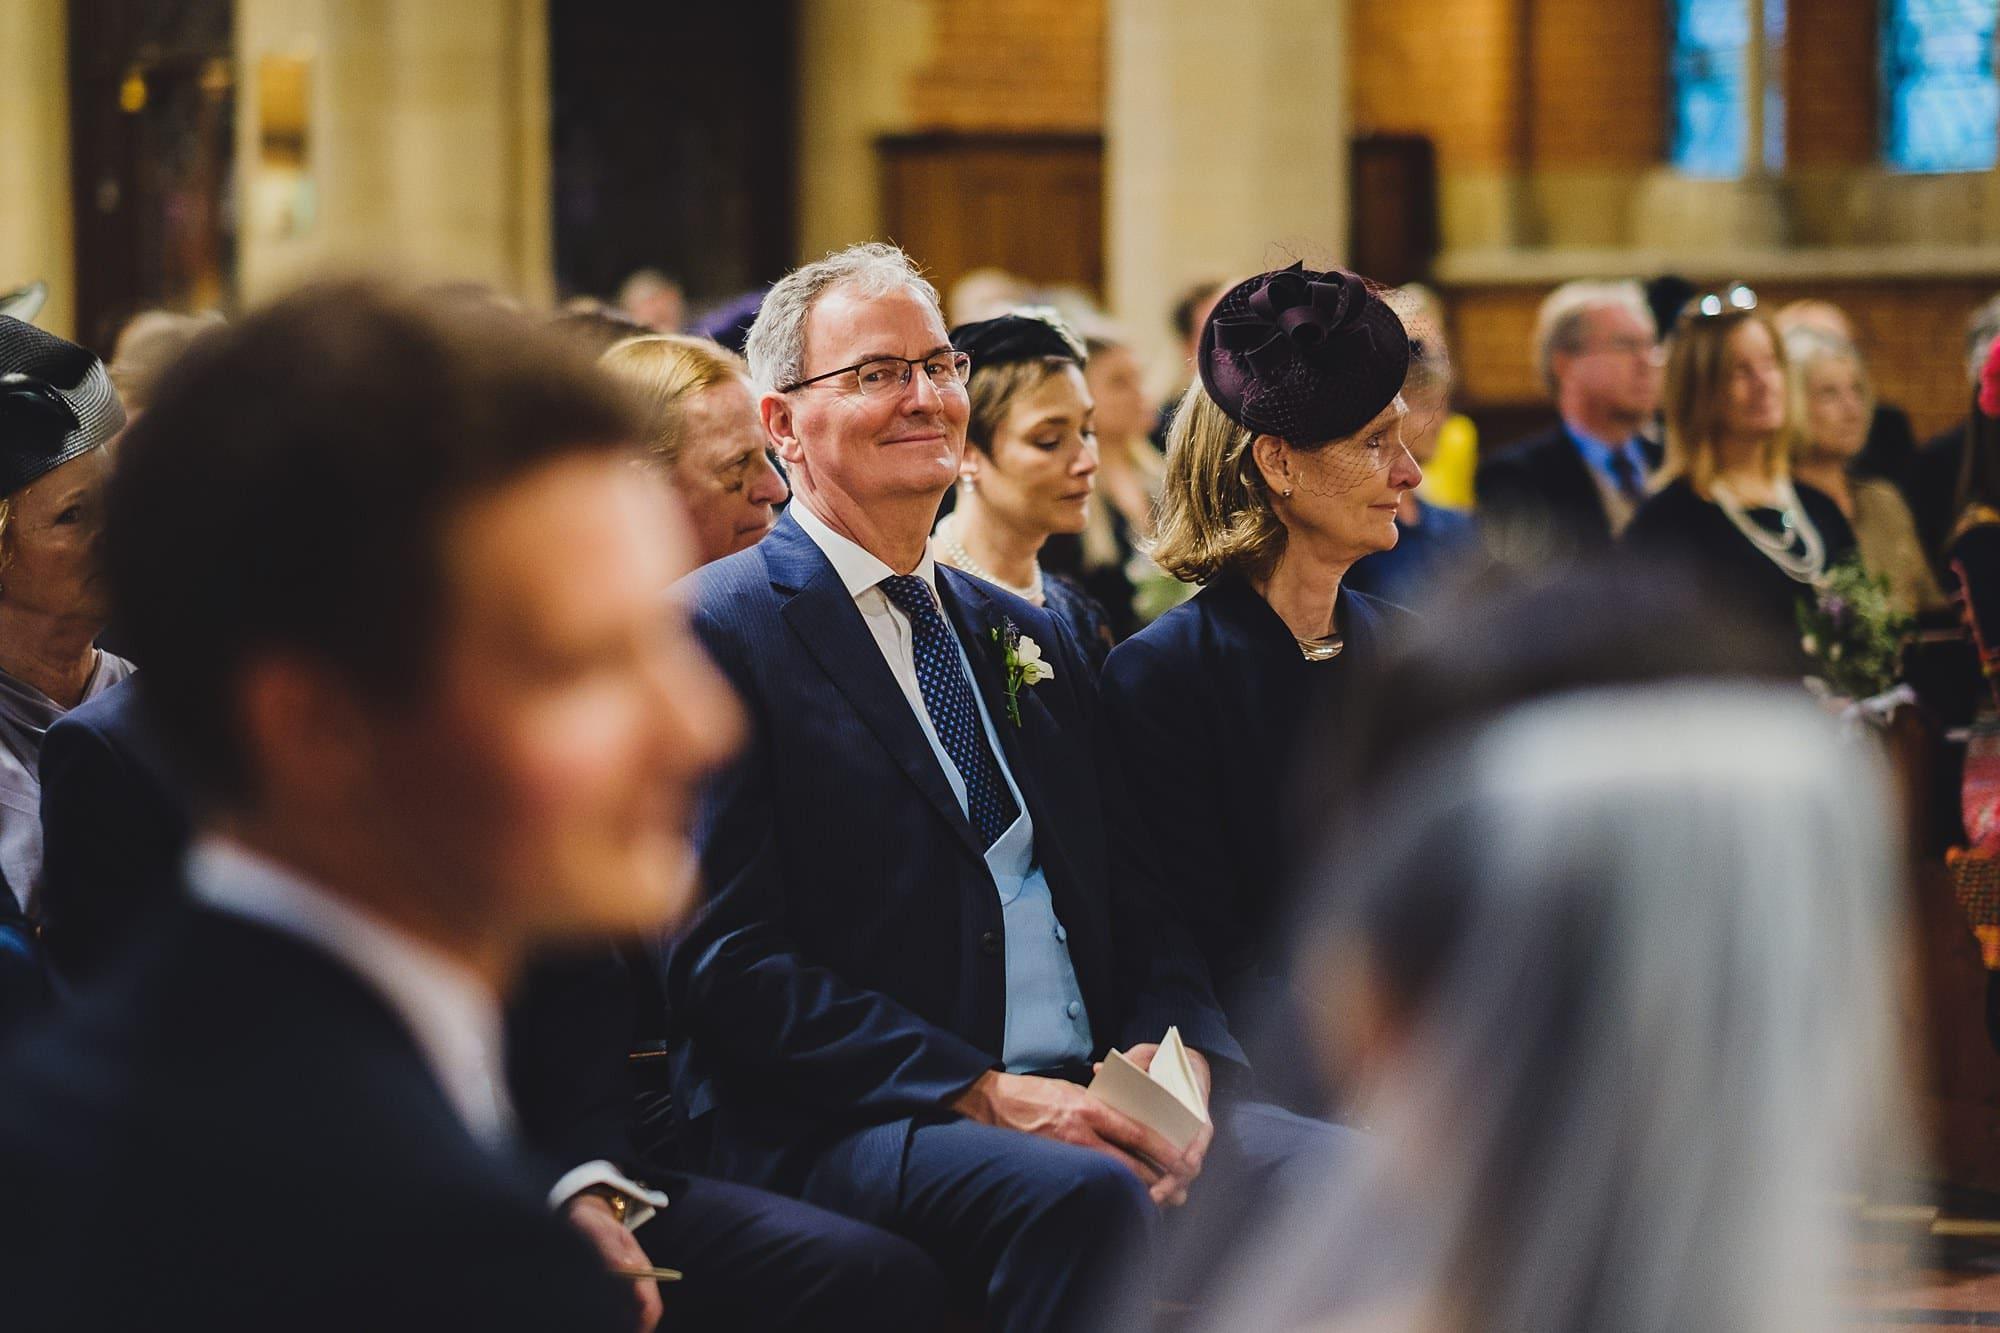 fulham palace wedding photographer ok 041 - Olivia + Kyle